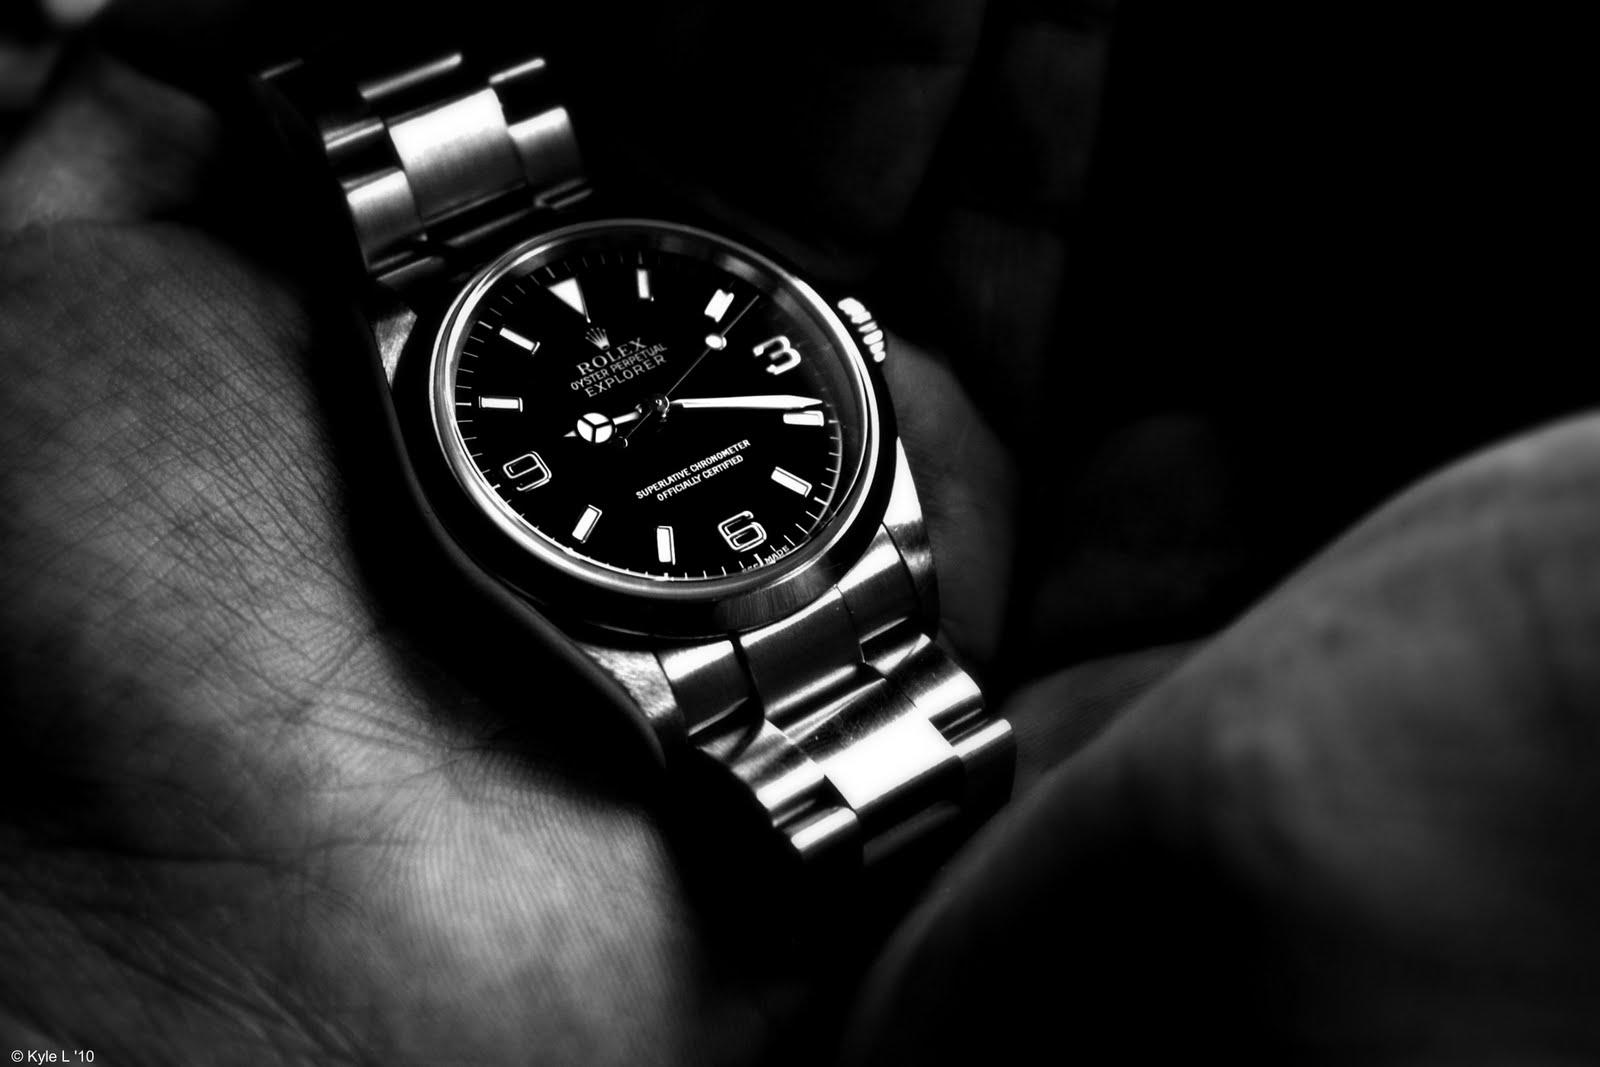 Kyle S Watch Wallpapers Rolex Explorer 114270